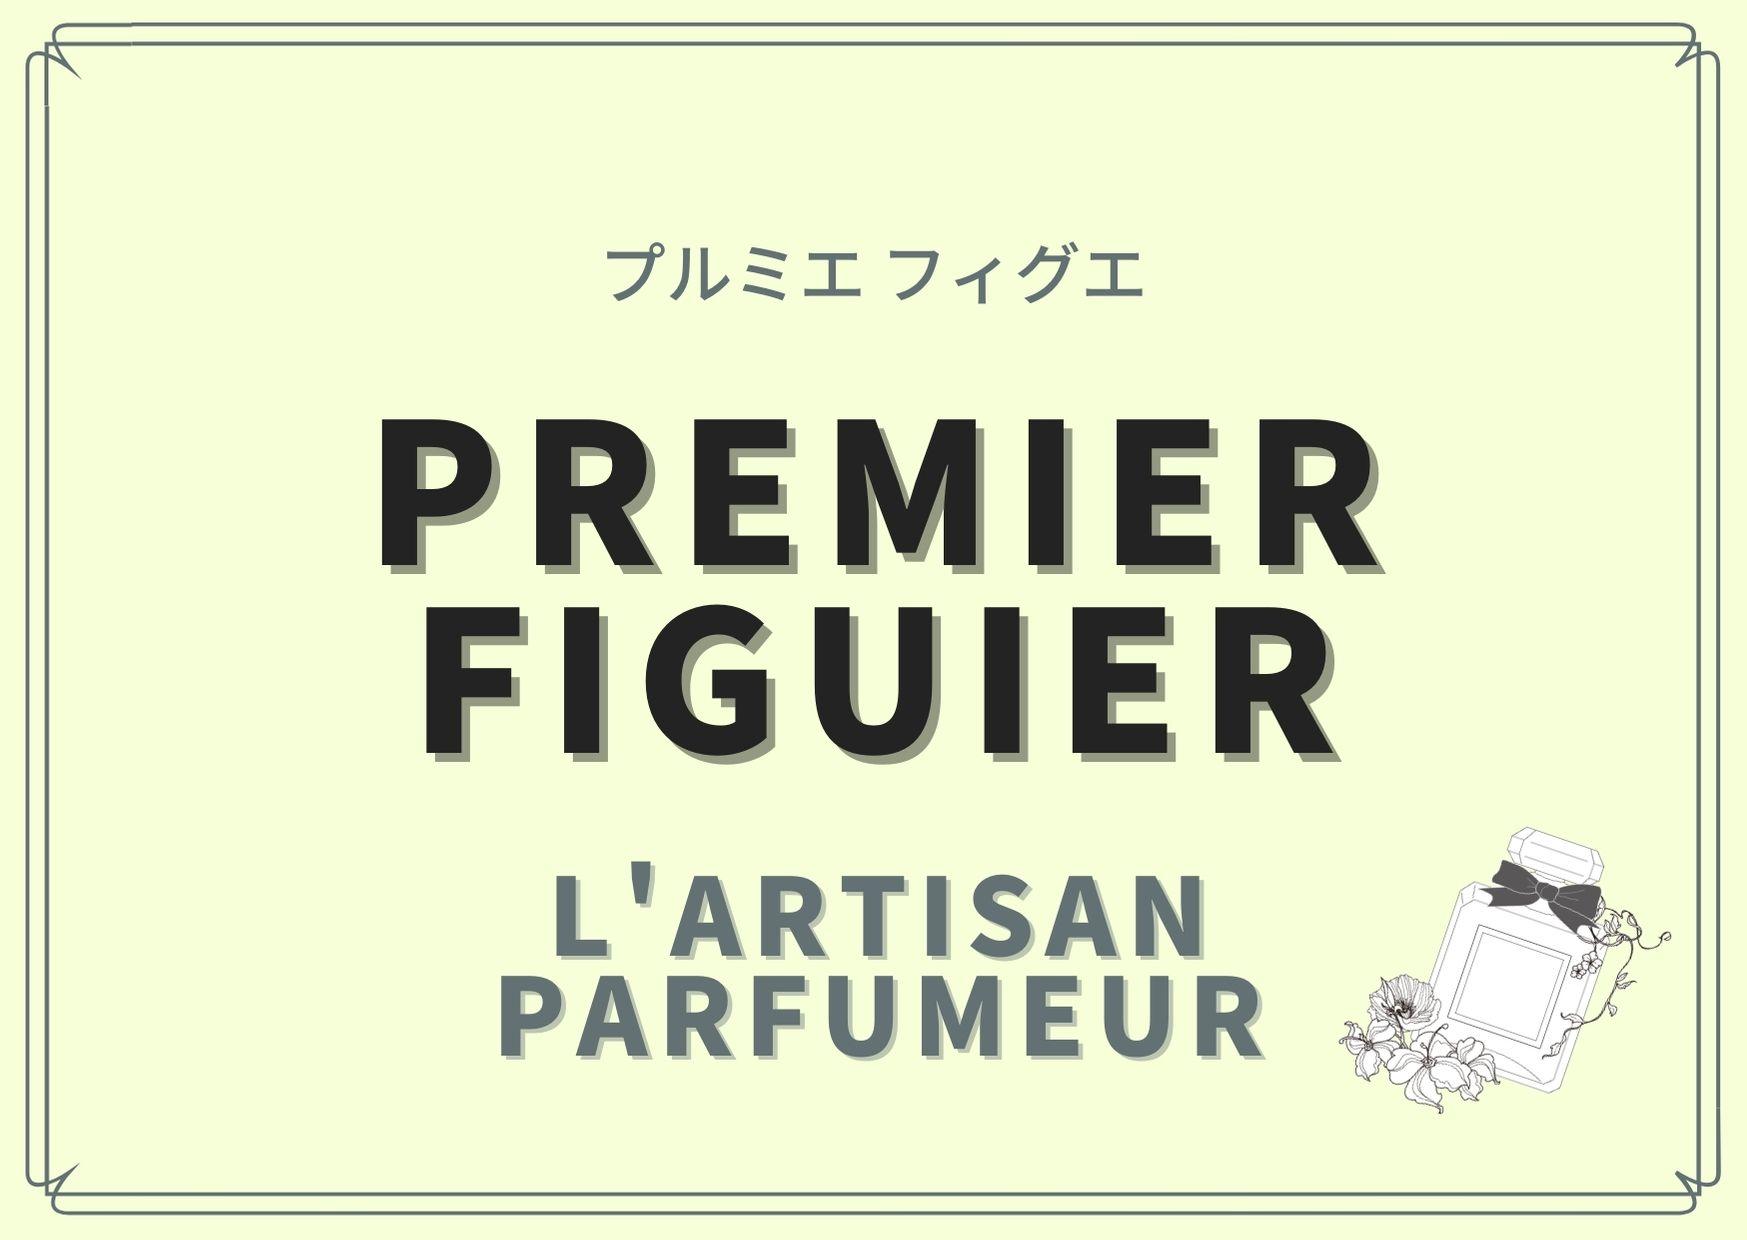 PREMIER FIGUIER(プルミエ フィグエ)/L'ARTISAN PARFUMEUR(ラルチザン パフューム)